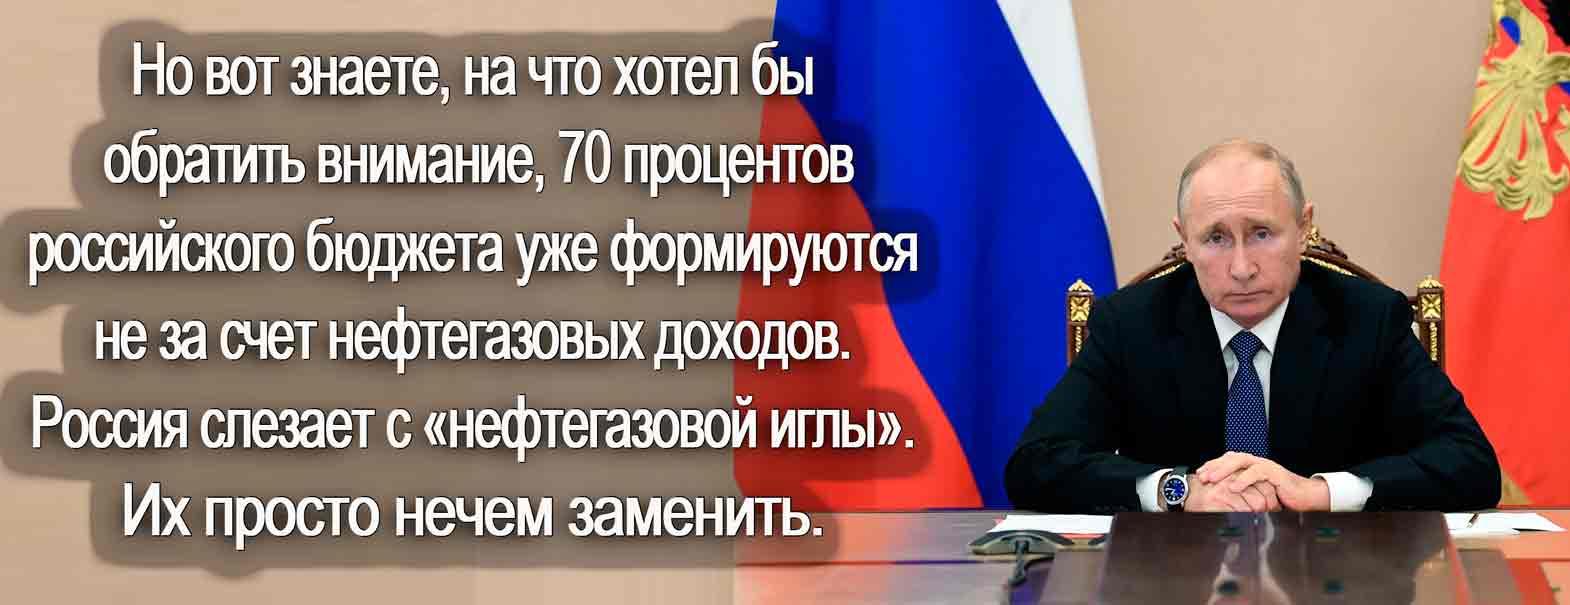 объявил о слезании России с «нефтяной иглы»